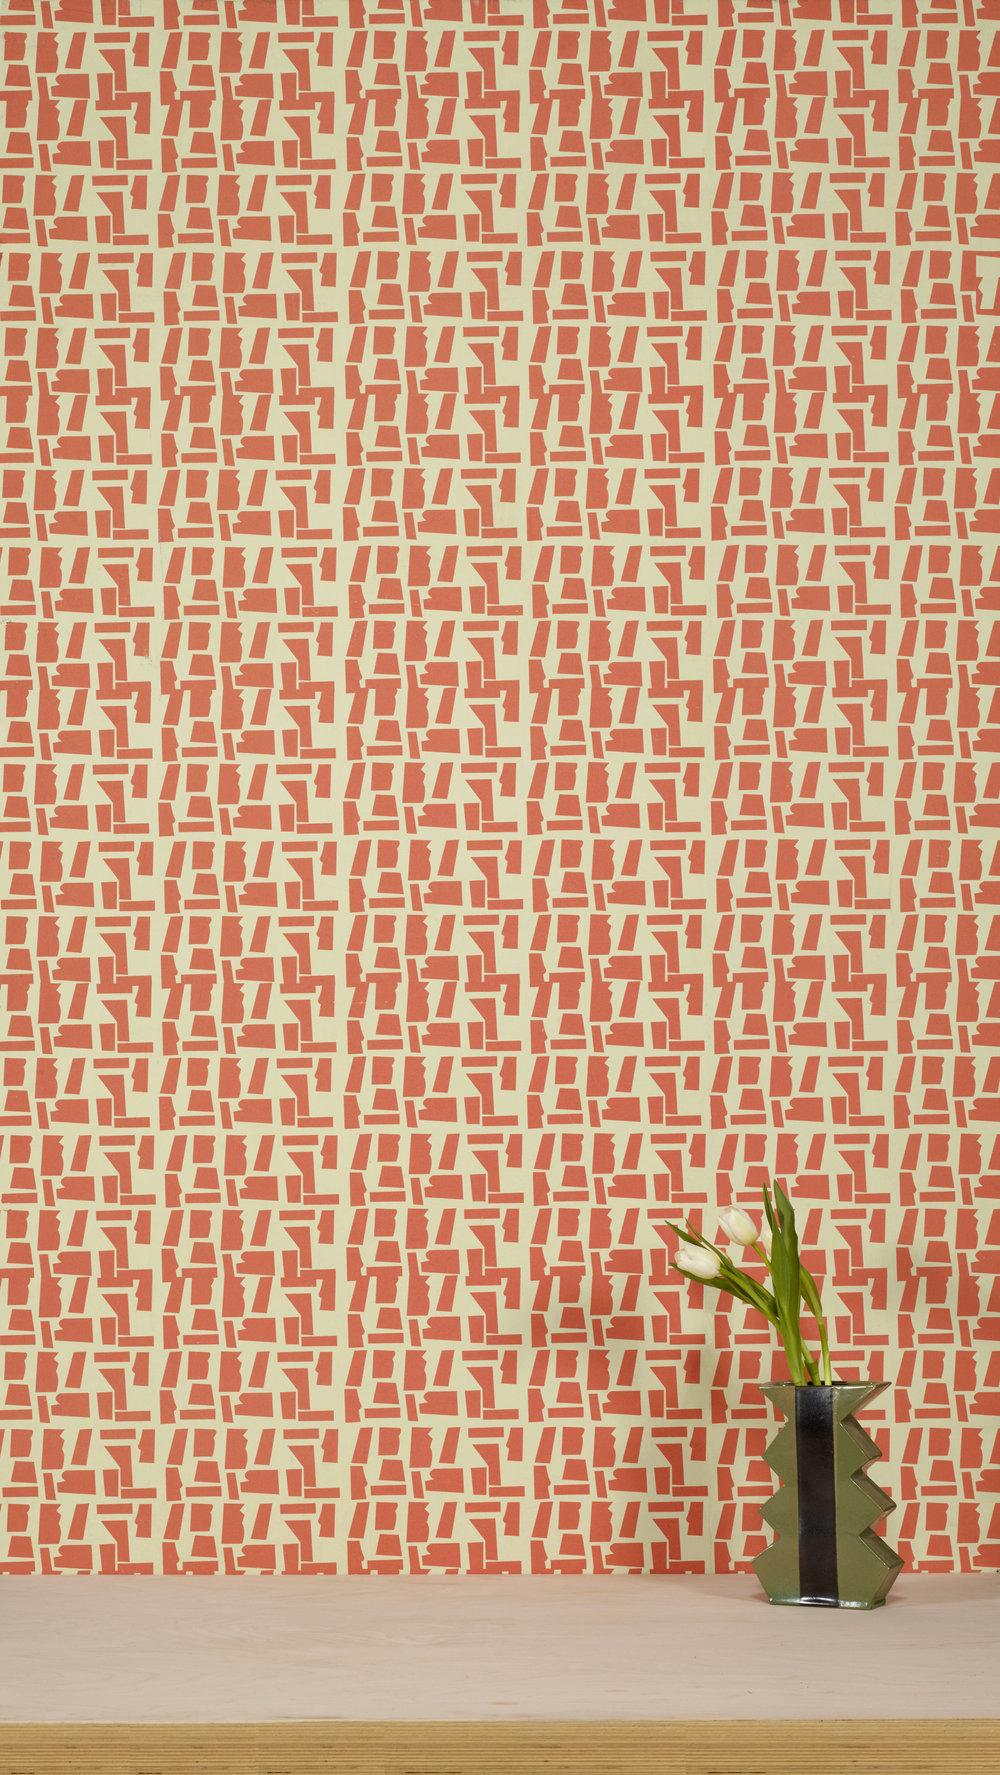 wolfum rana orange 2 wallpaper.jpg